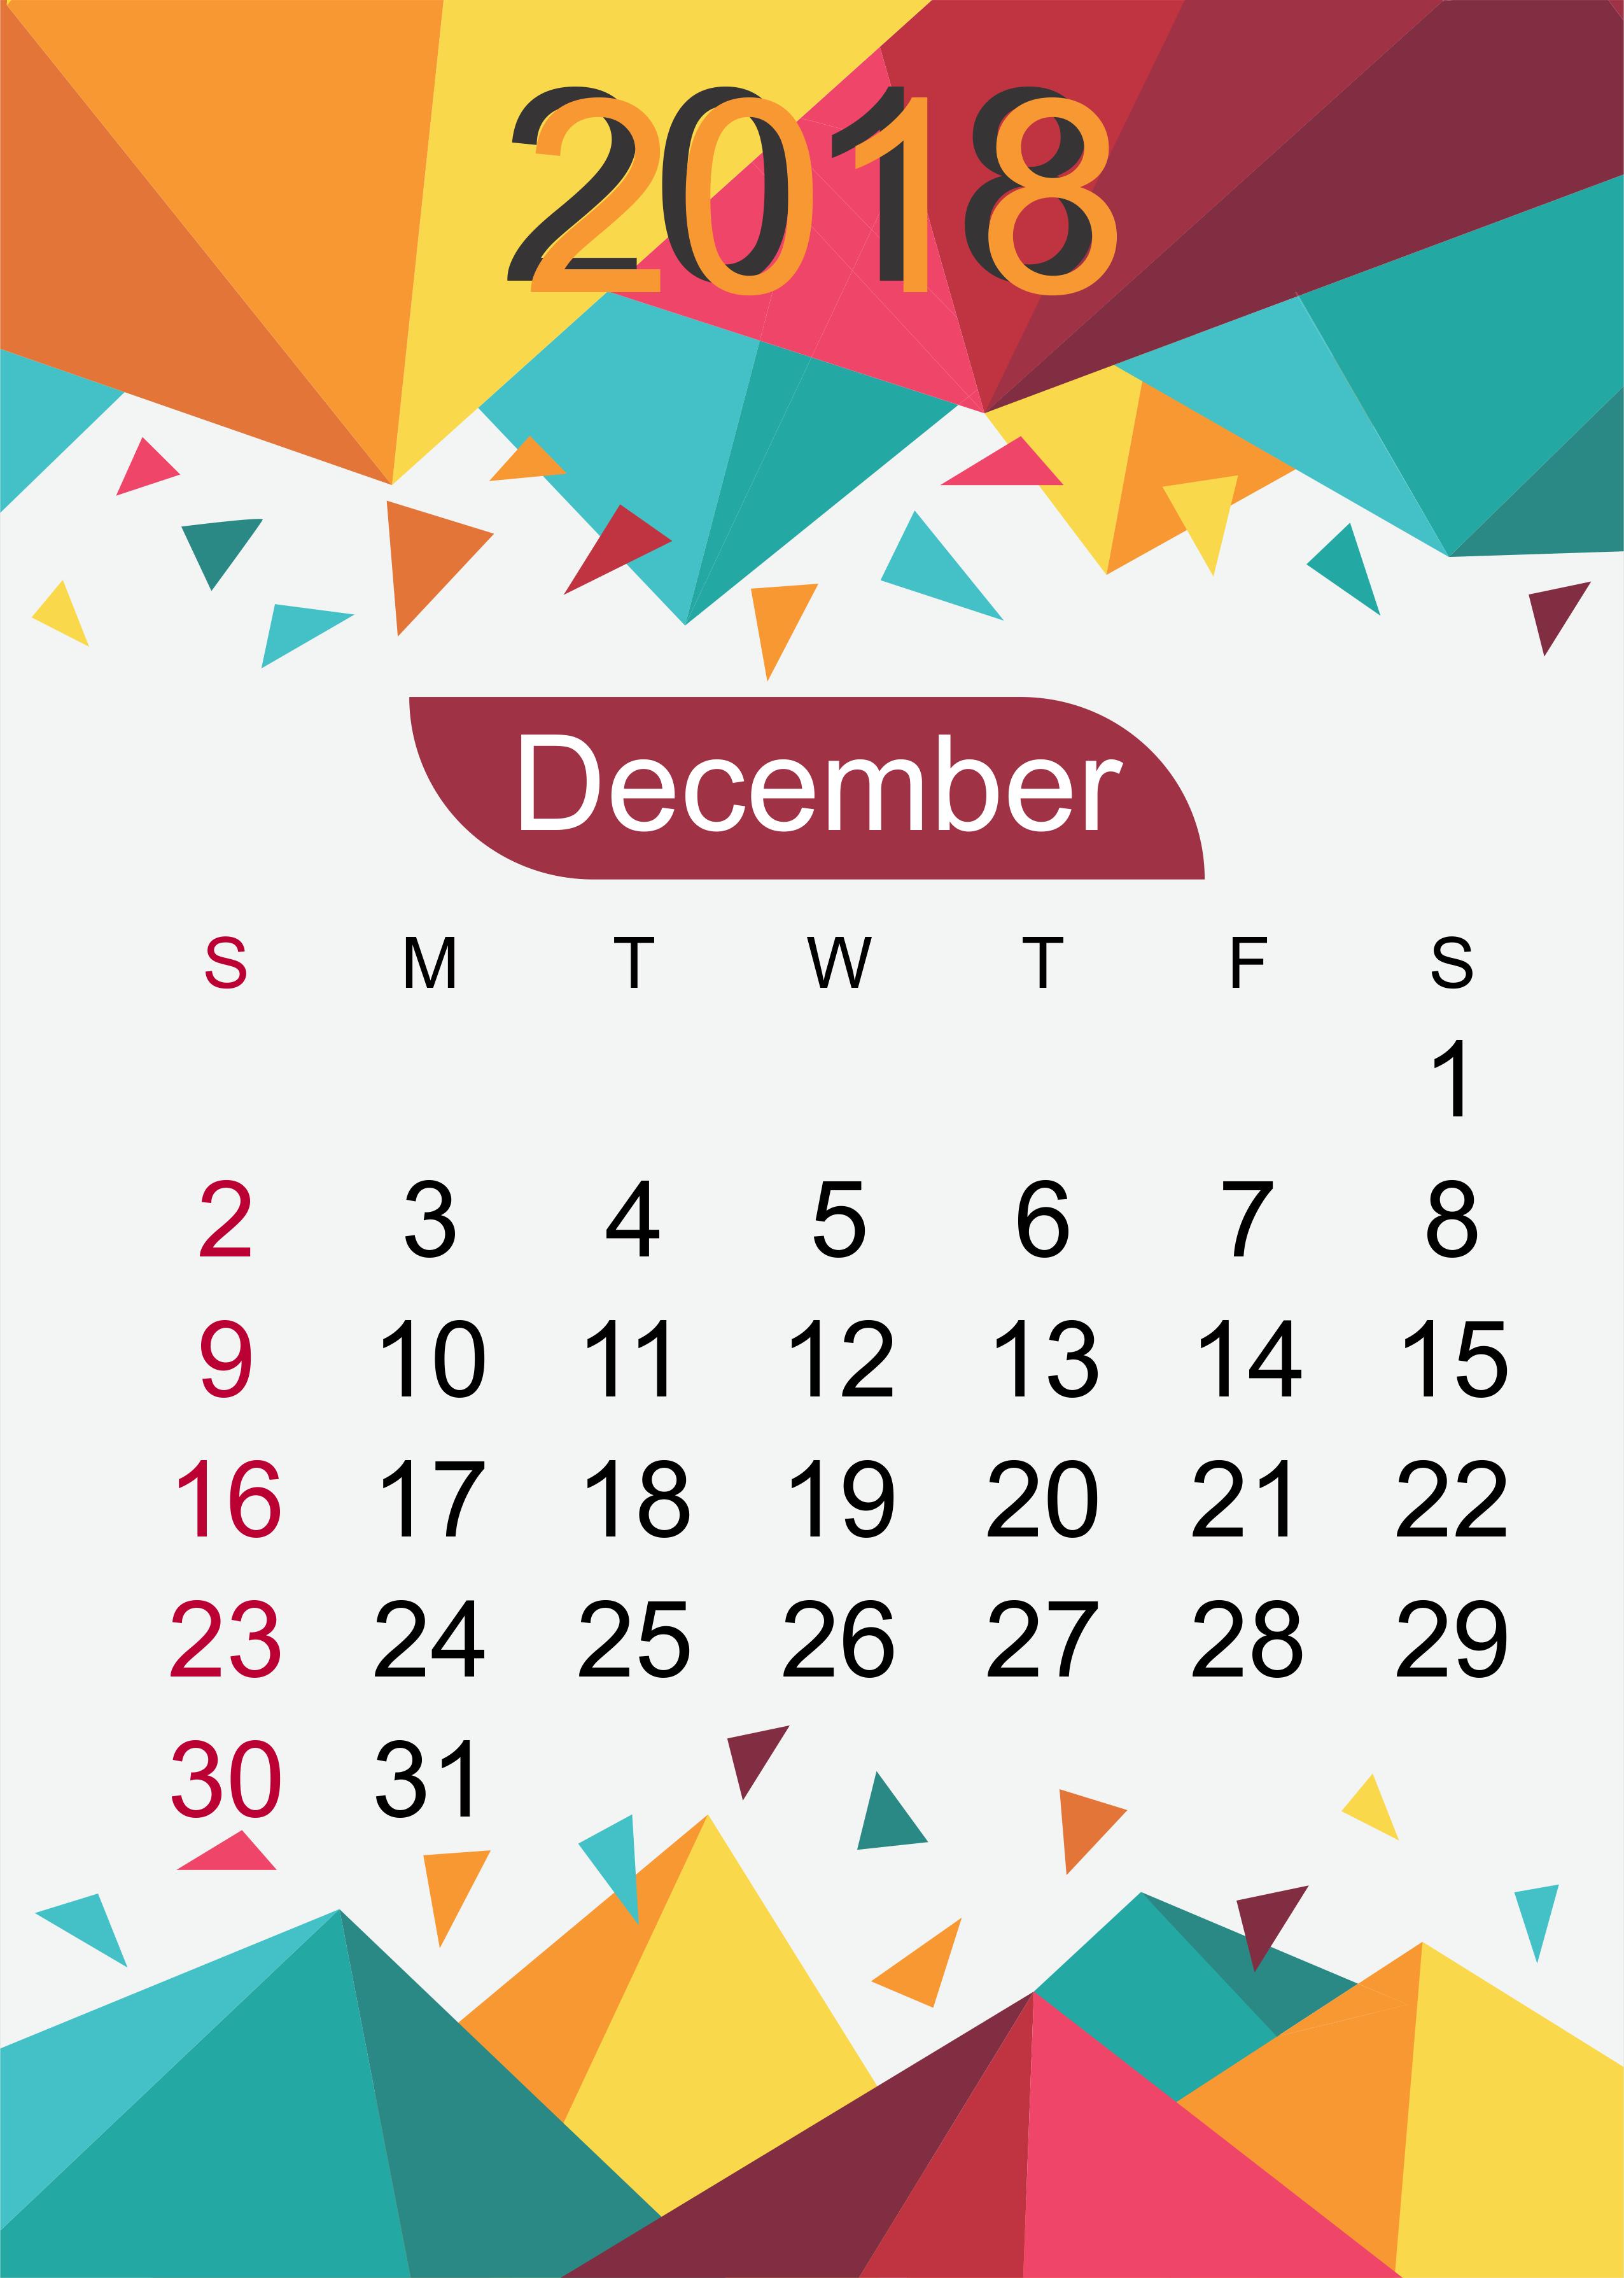 December 2018 Calendar Wallpaper